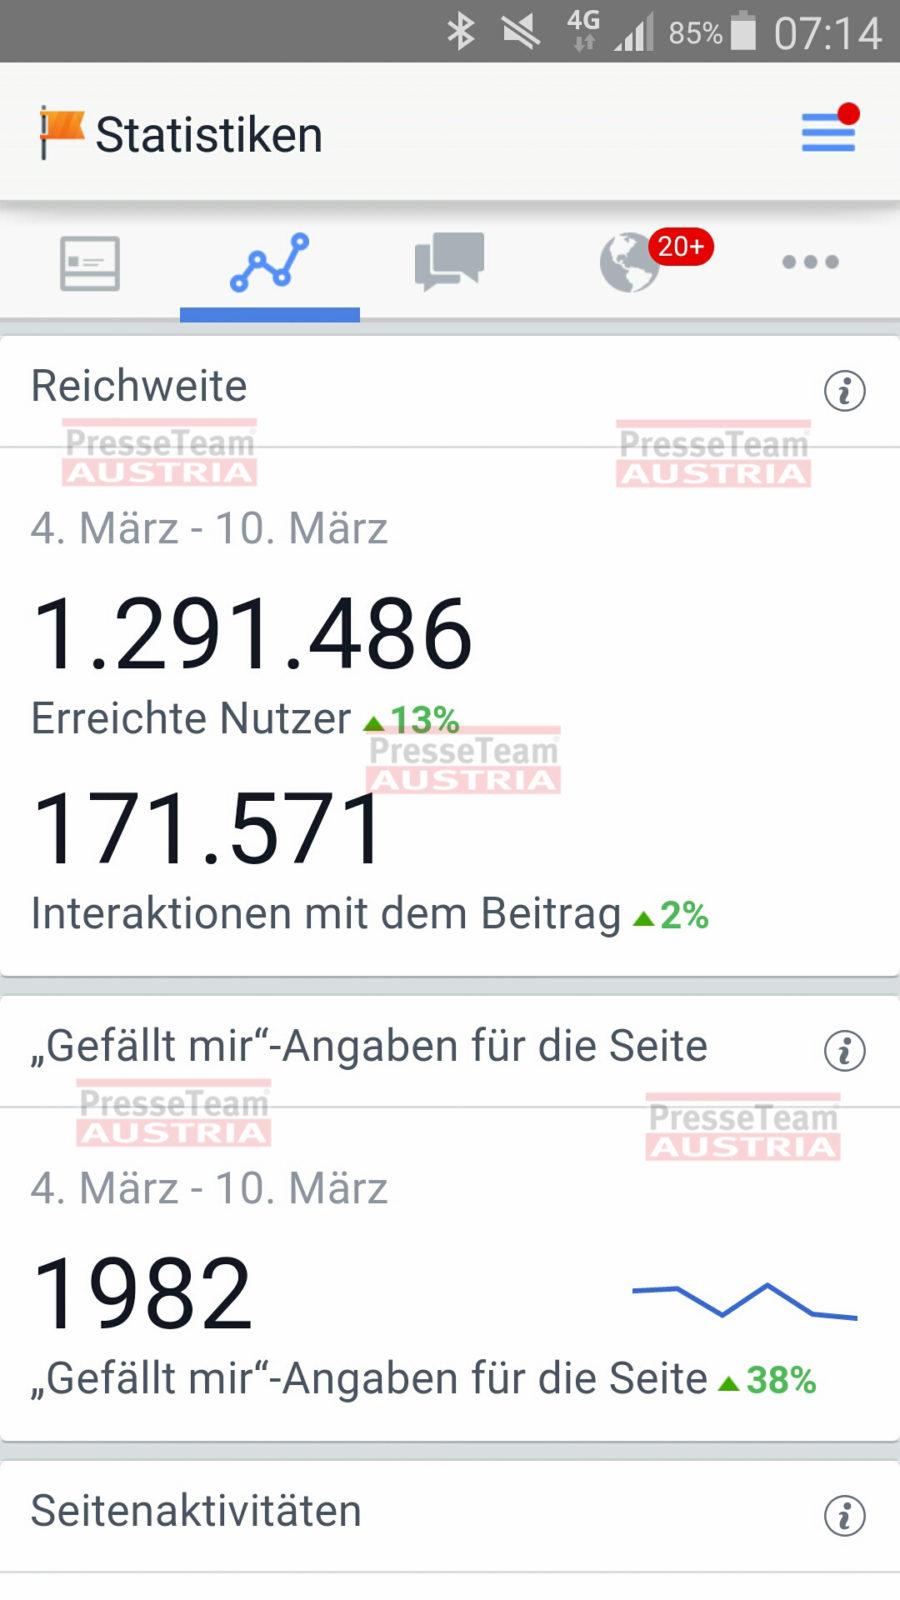 Facebook Marketing Schulung 5 - 10.730.101 Reichweite mit Facebook-Marketing: Der sichere Weg zu Ihrer Zielgruppe!